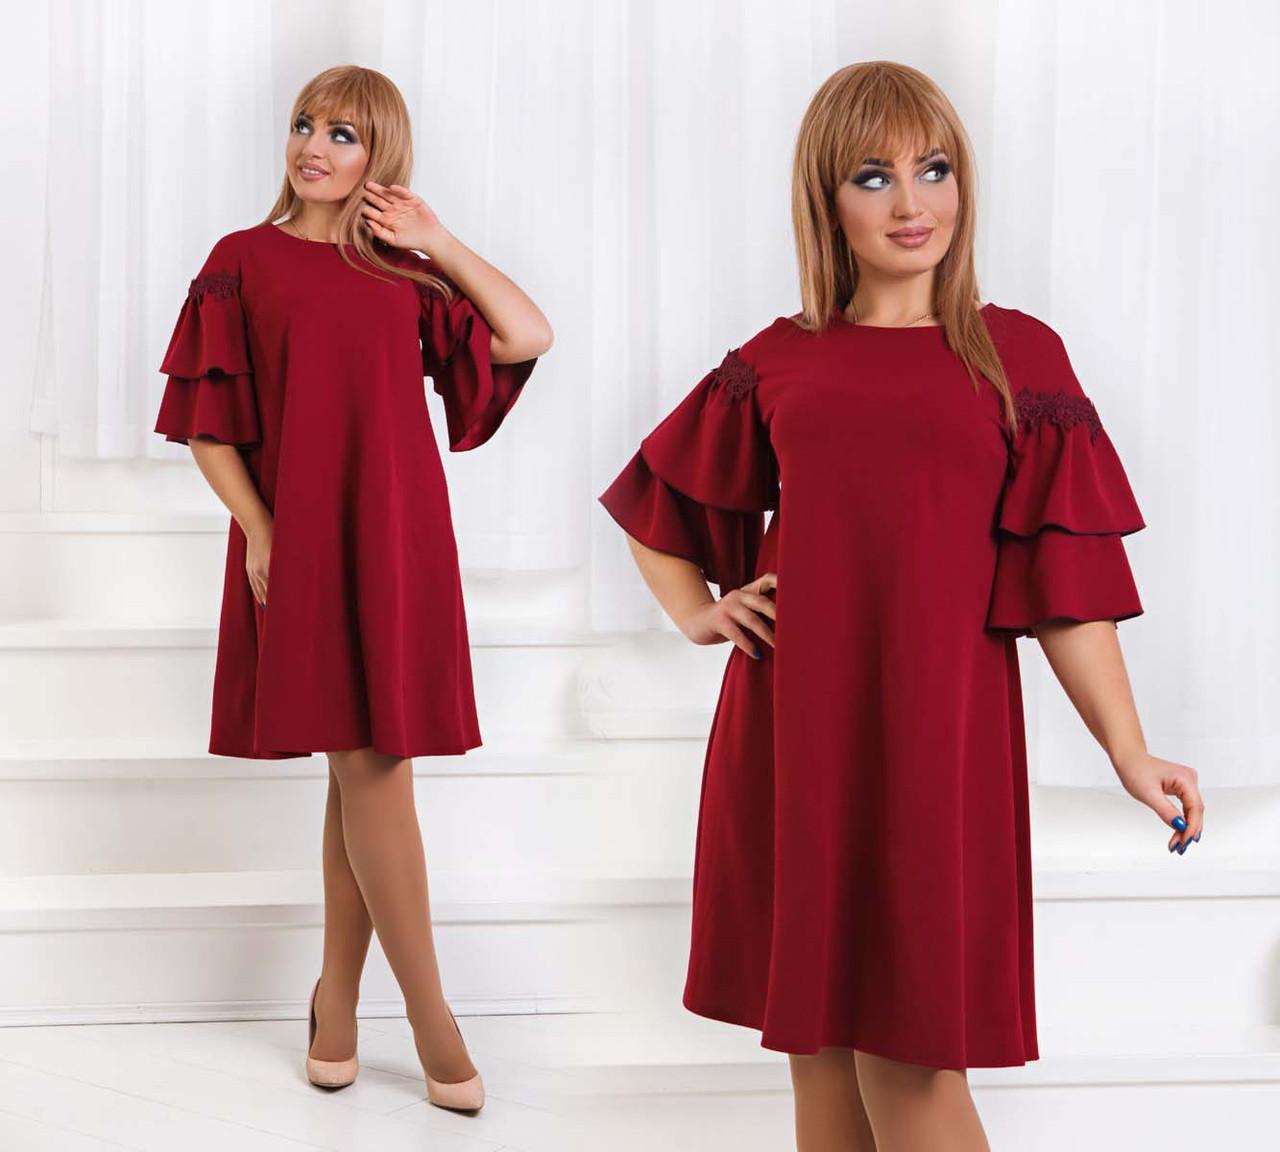 """Элегантное нарядное женское платье в больших размерах """"Креп Рукава Воланы Мулине"""" в расцветках (DG-ат1183)"""